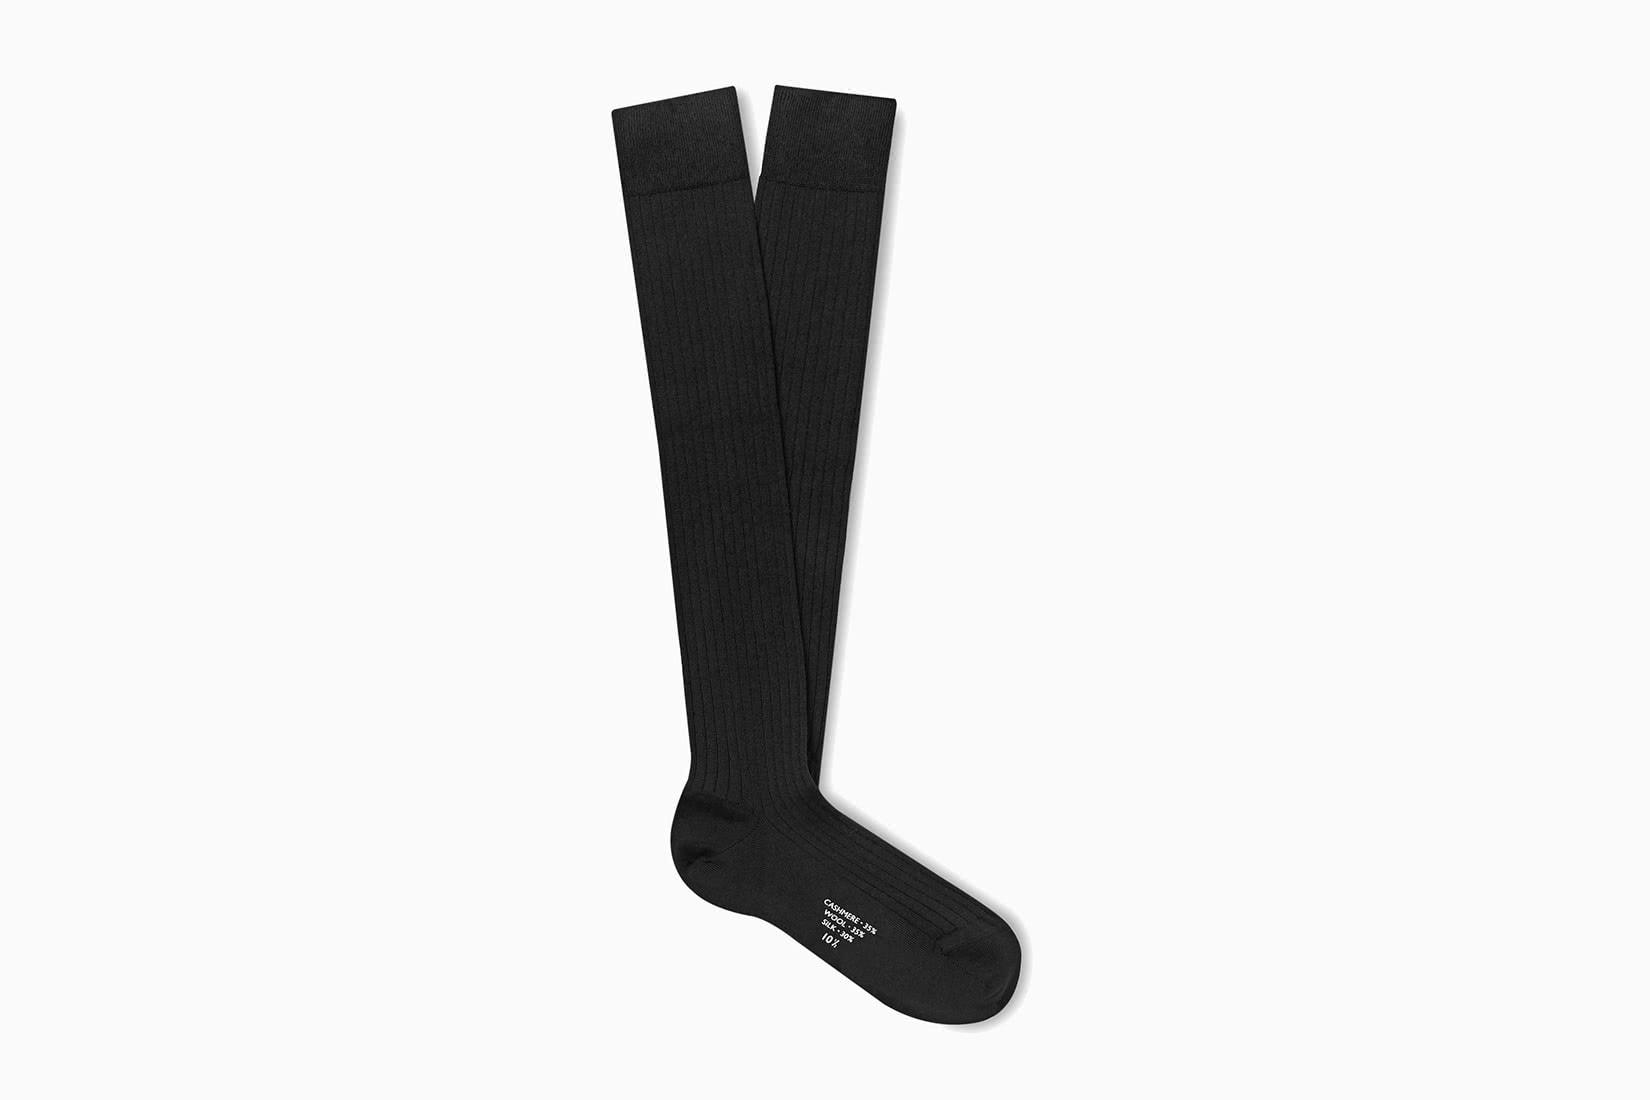 best socks men over the calf charvet review - Luxe Digital